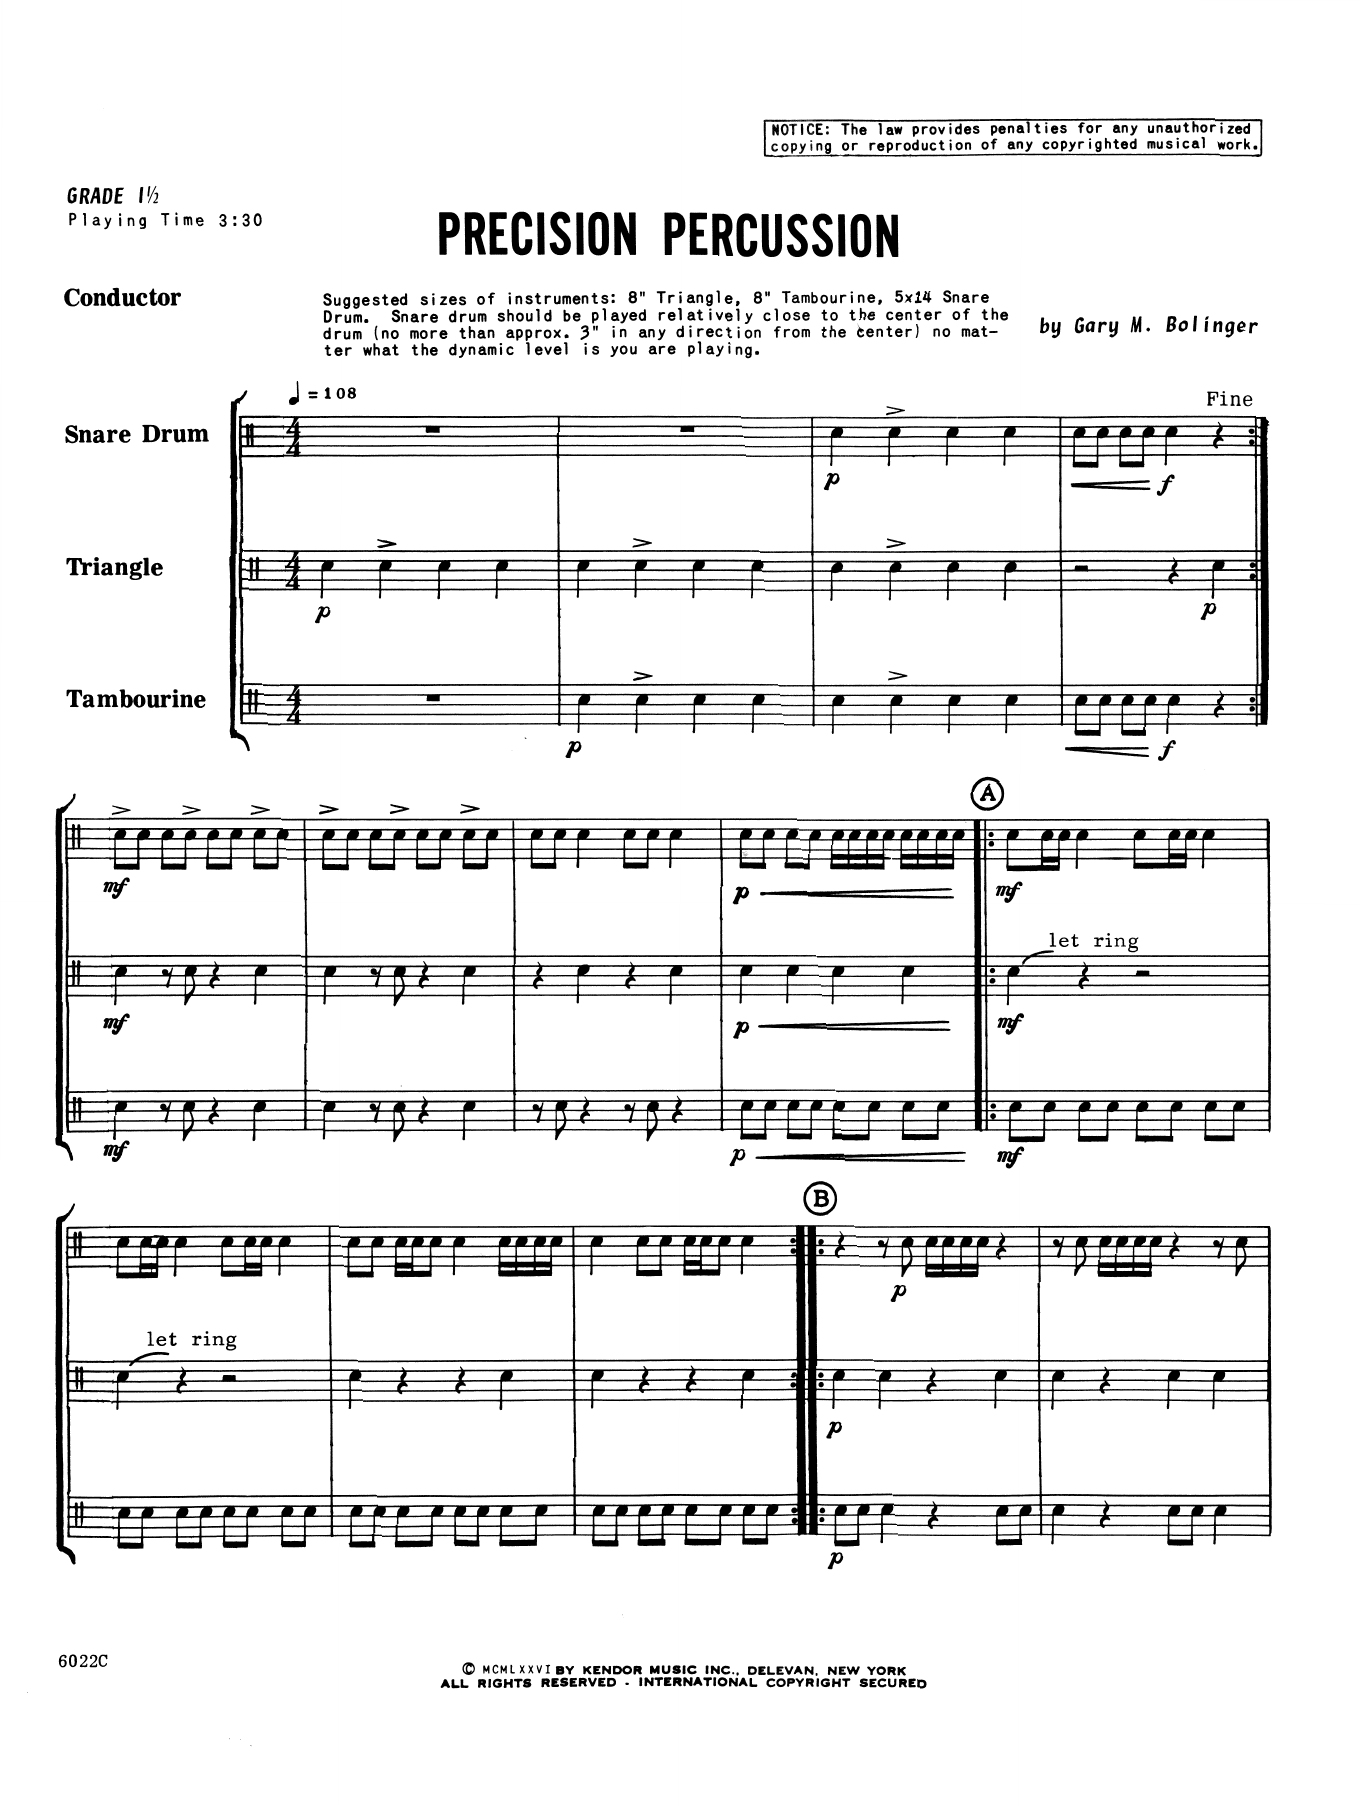 Gary M. Bolinger Precision Percussion - Full Score sheet music notes printable PDF score